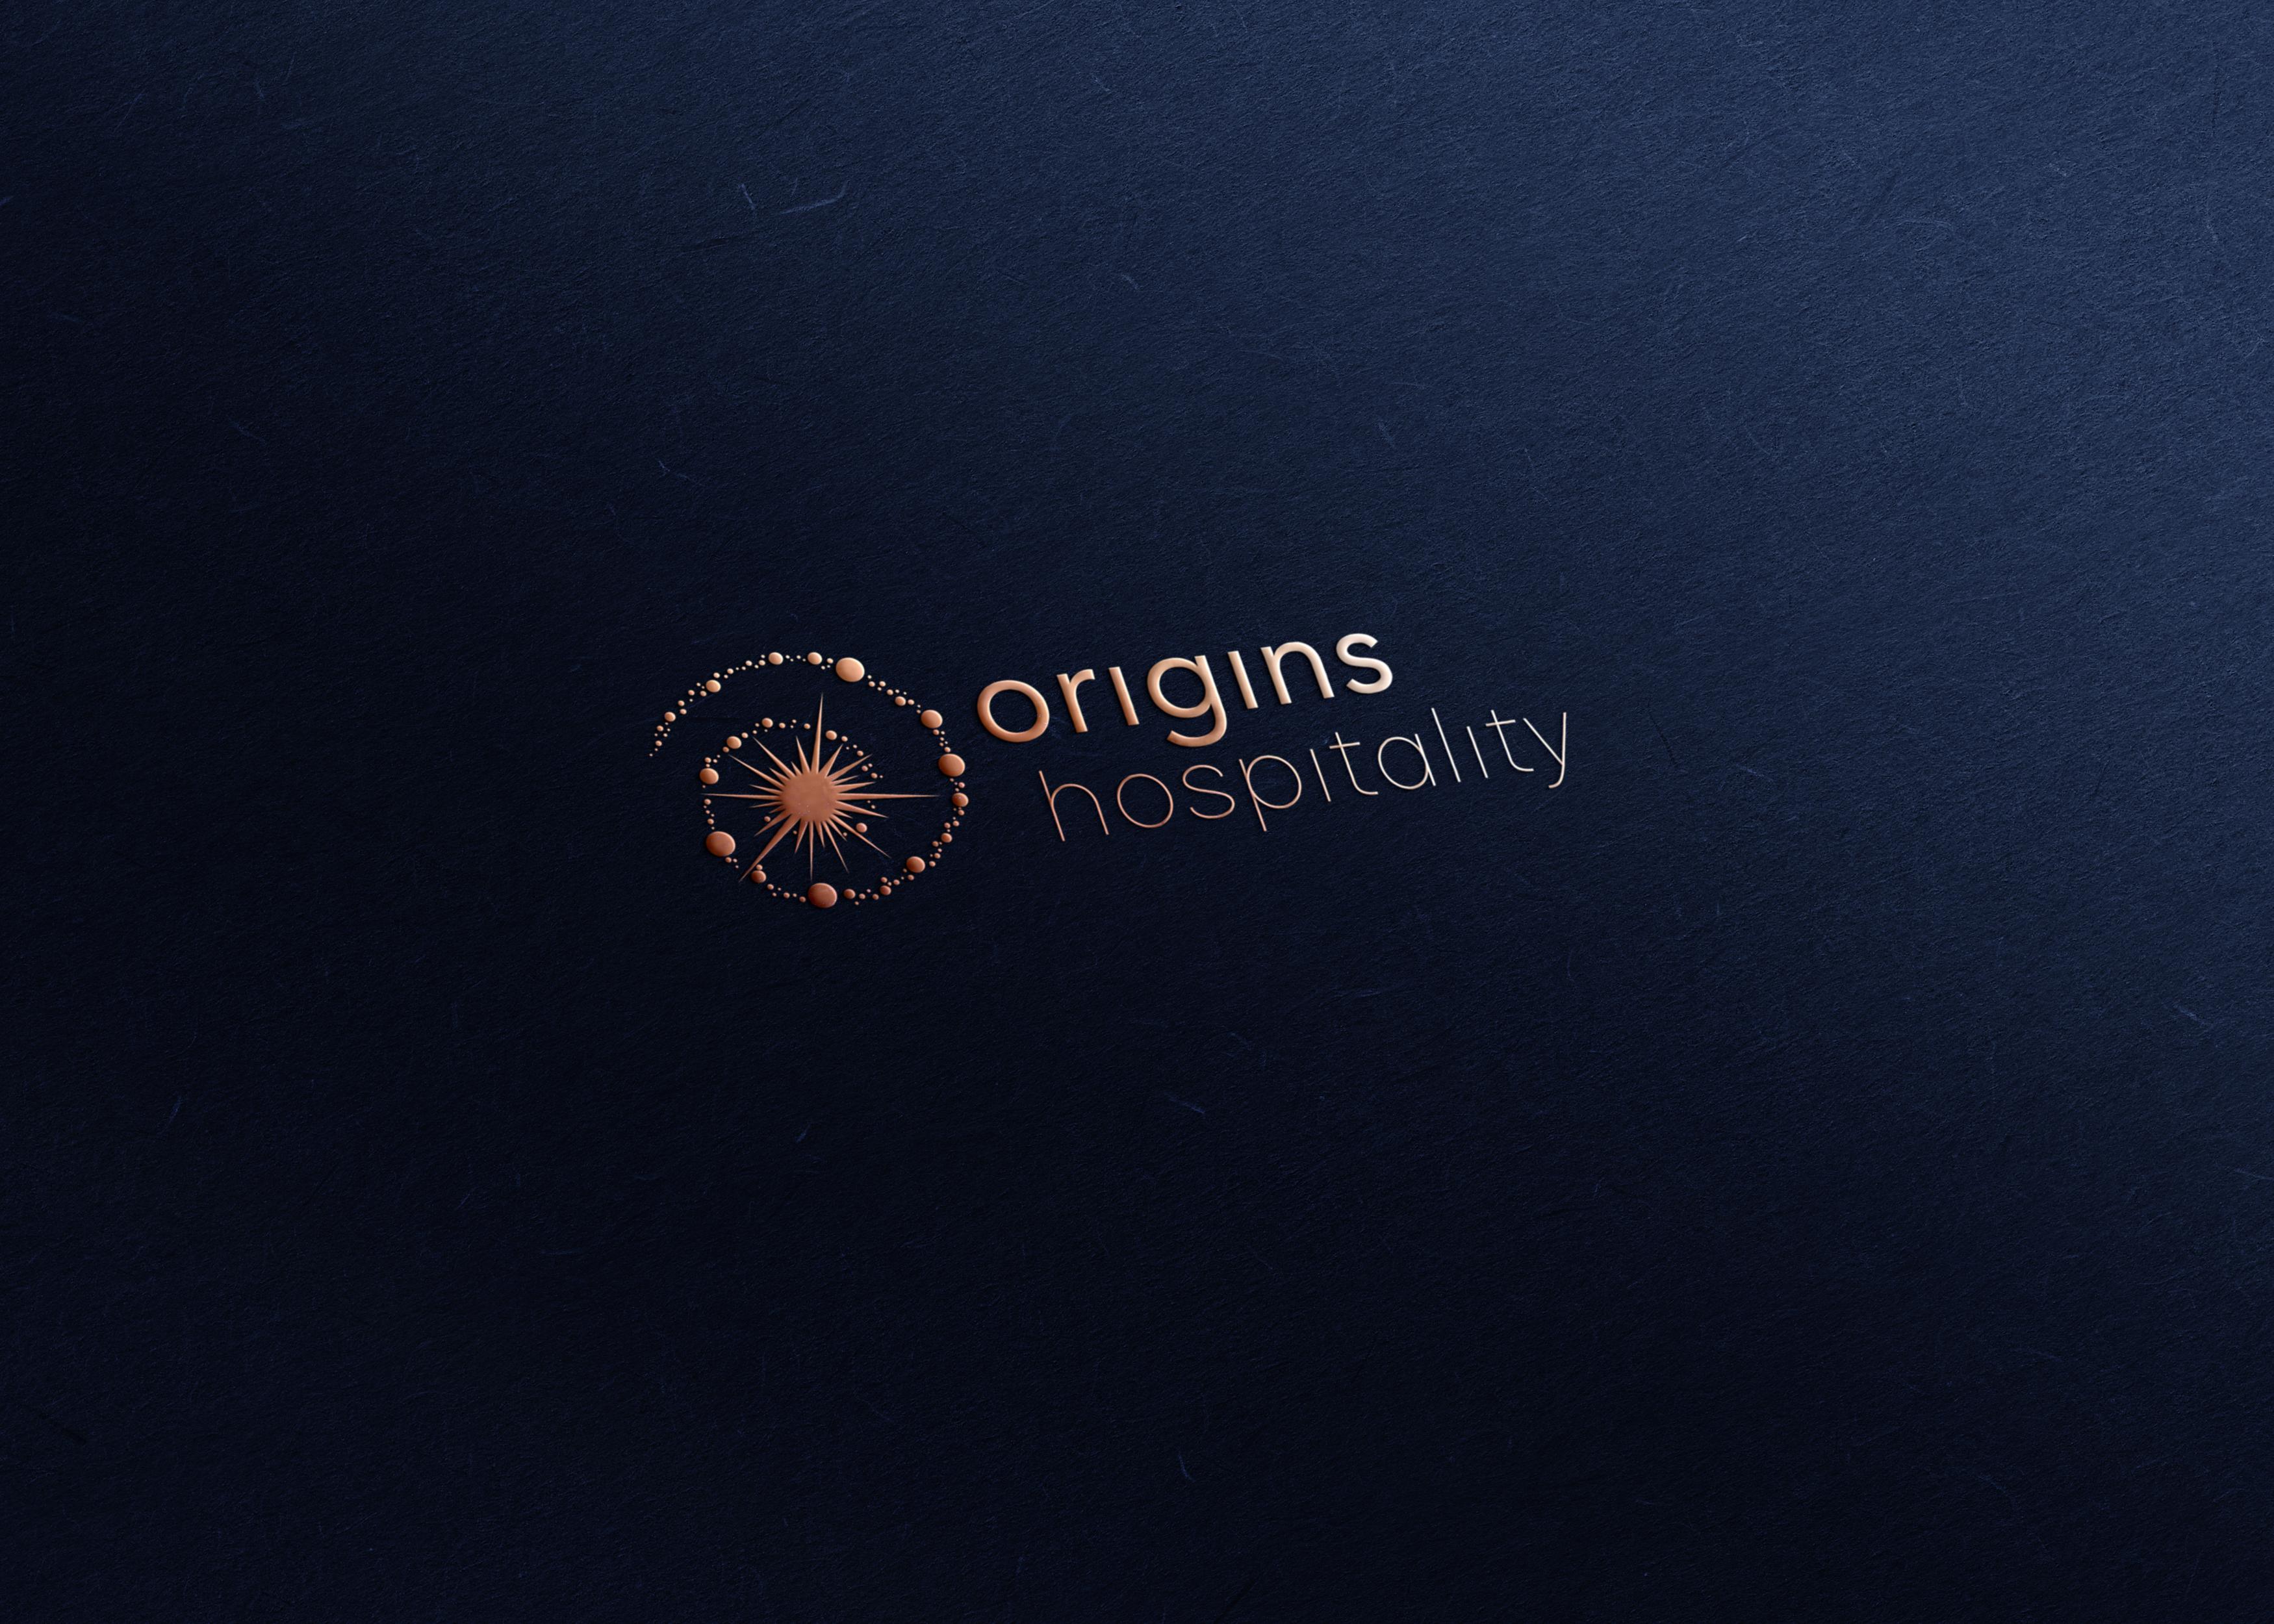 Logo embossed